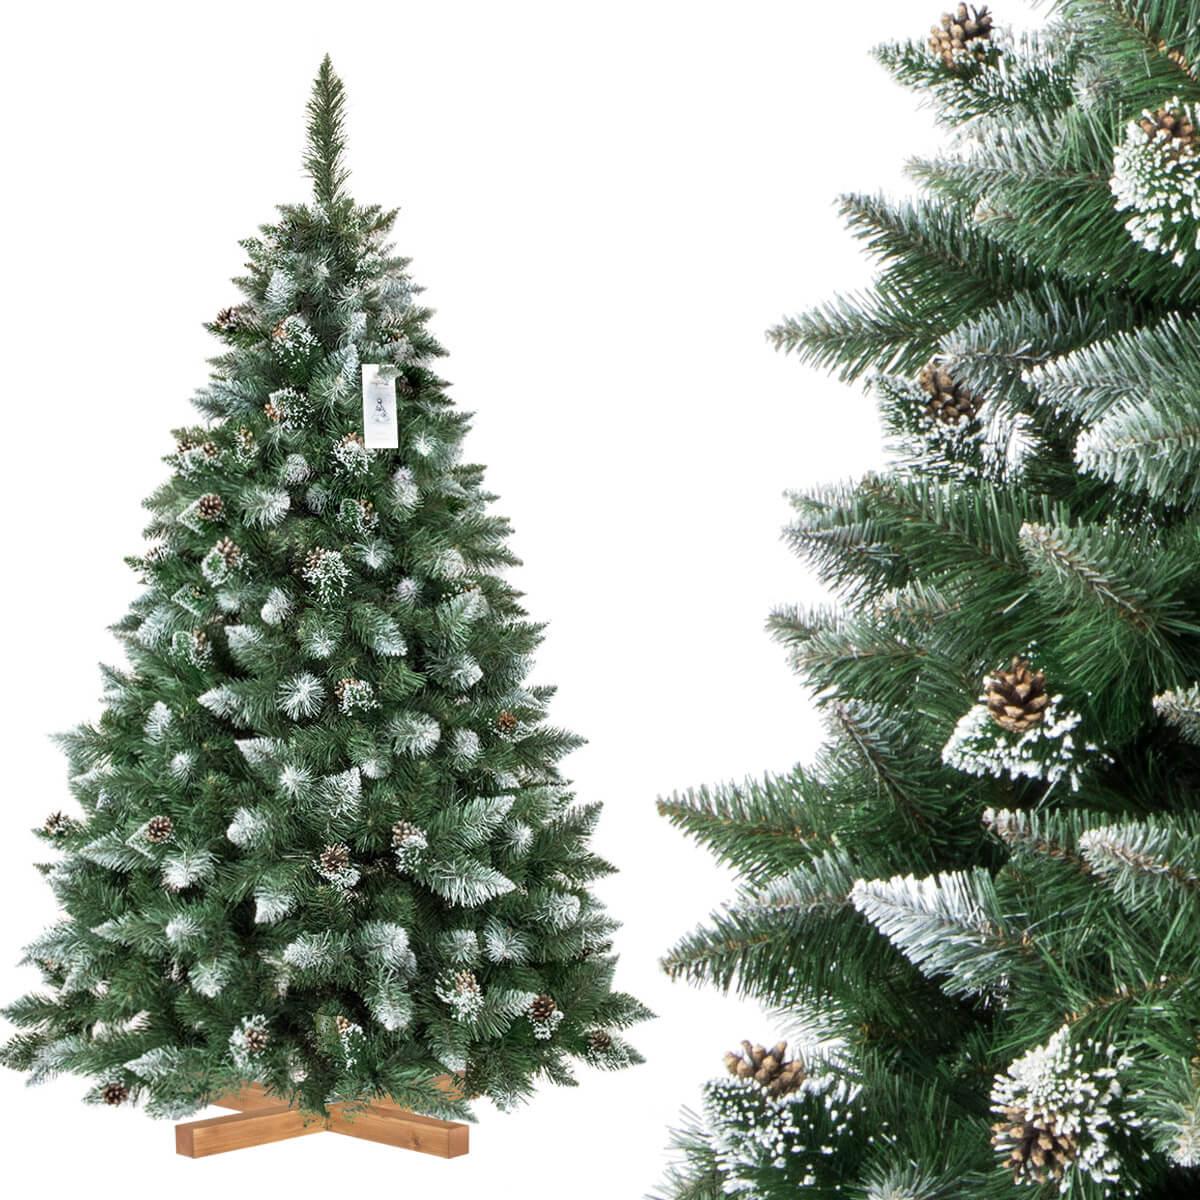 Idą Święta, szanuj las. Dlaczego sztuczna choinka jest lepsza niż prawdziwa? 2